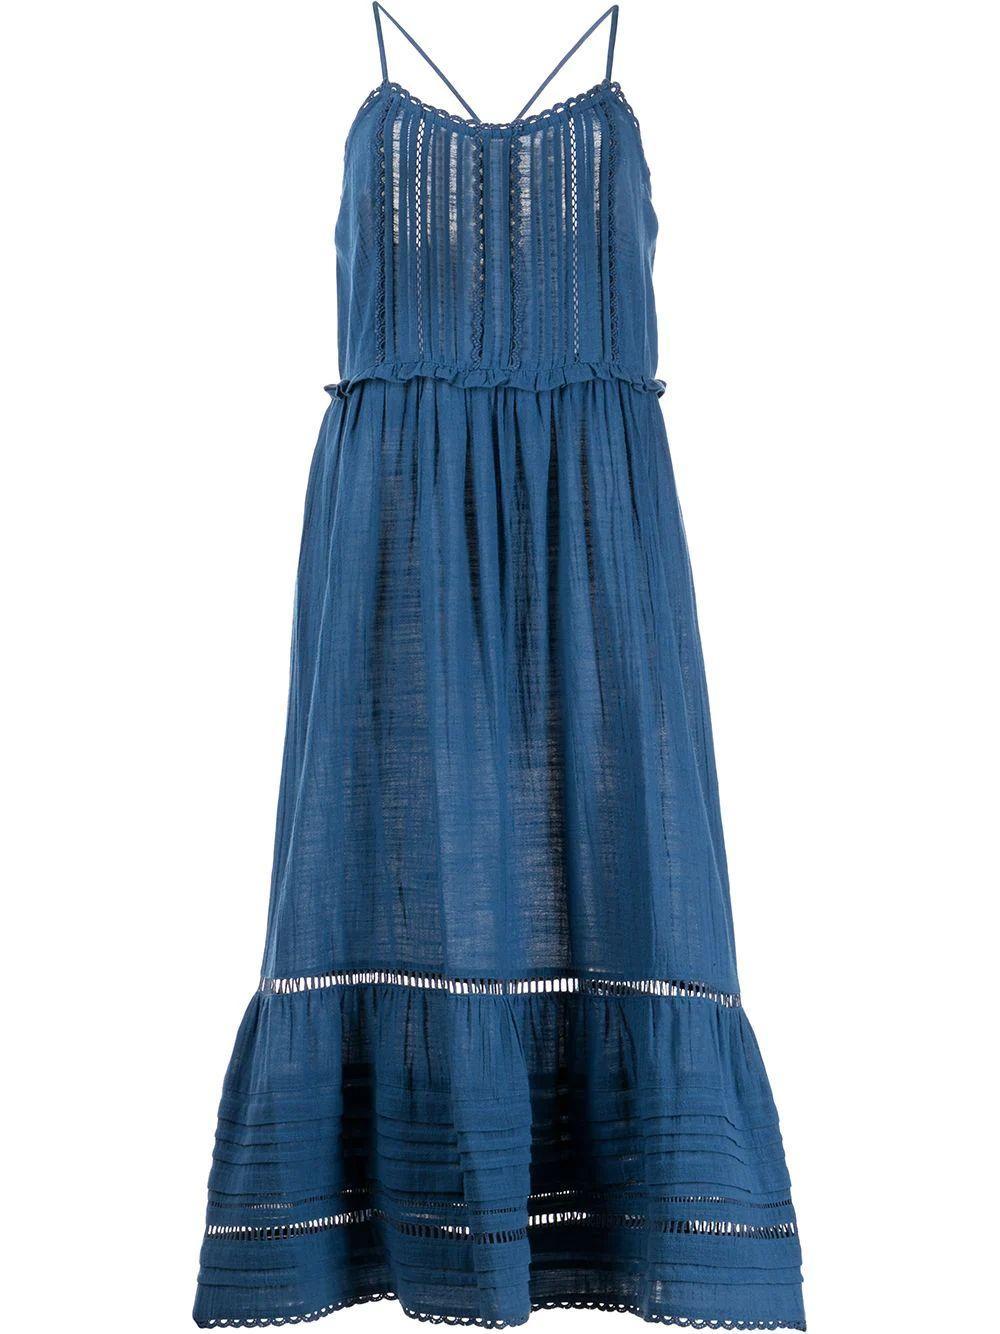 Ayesha Dress Item # 2102CO0042864